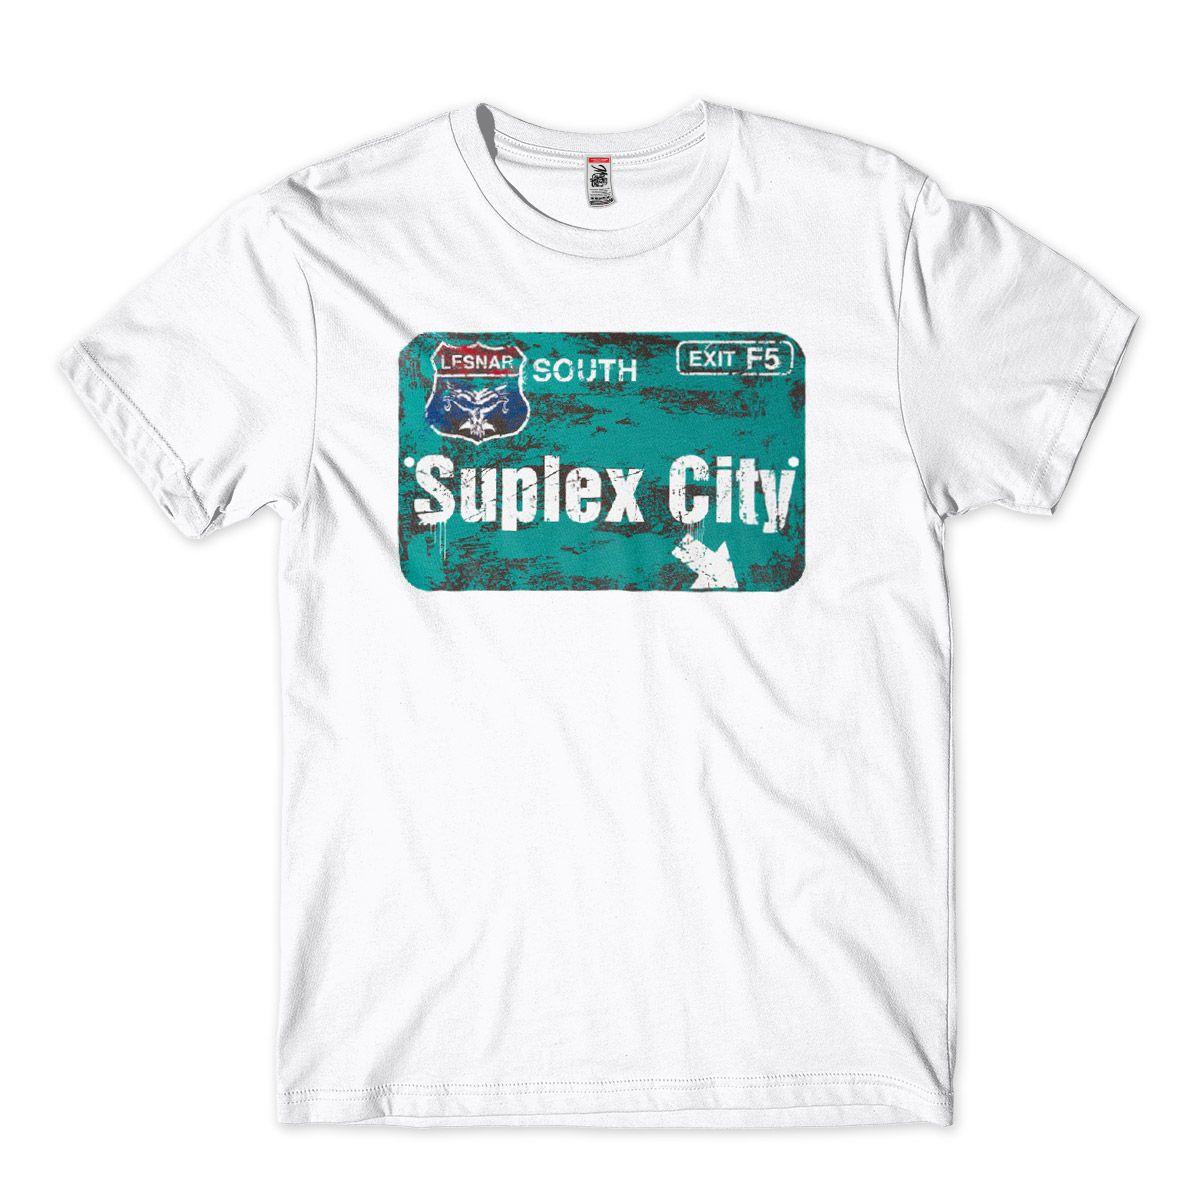 Camiseta Suplex City Wwe Camisa Masculina Brock Lesnar